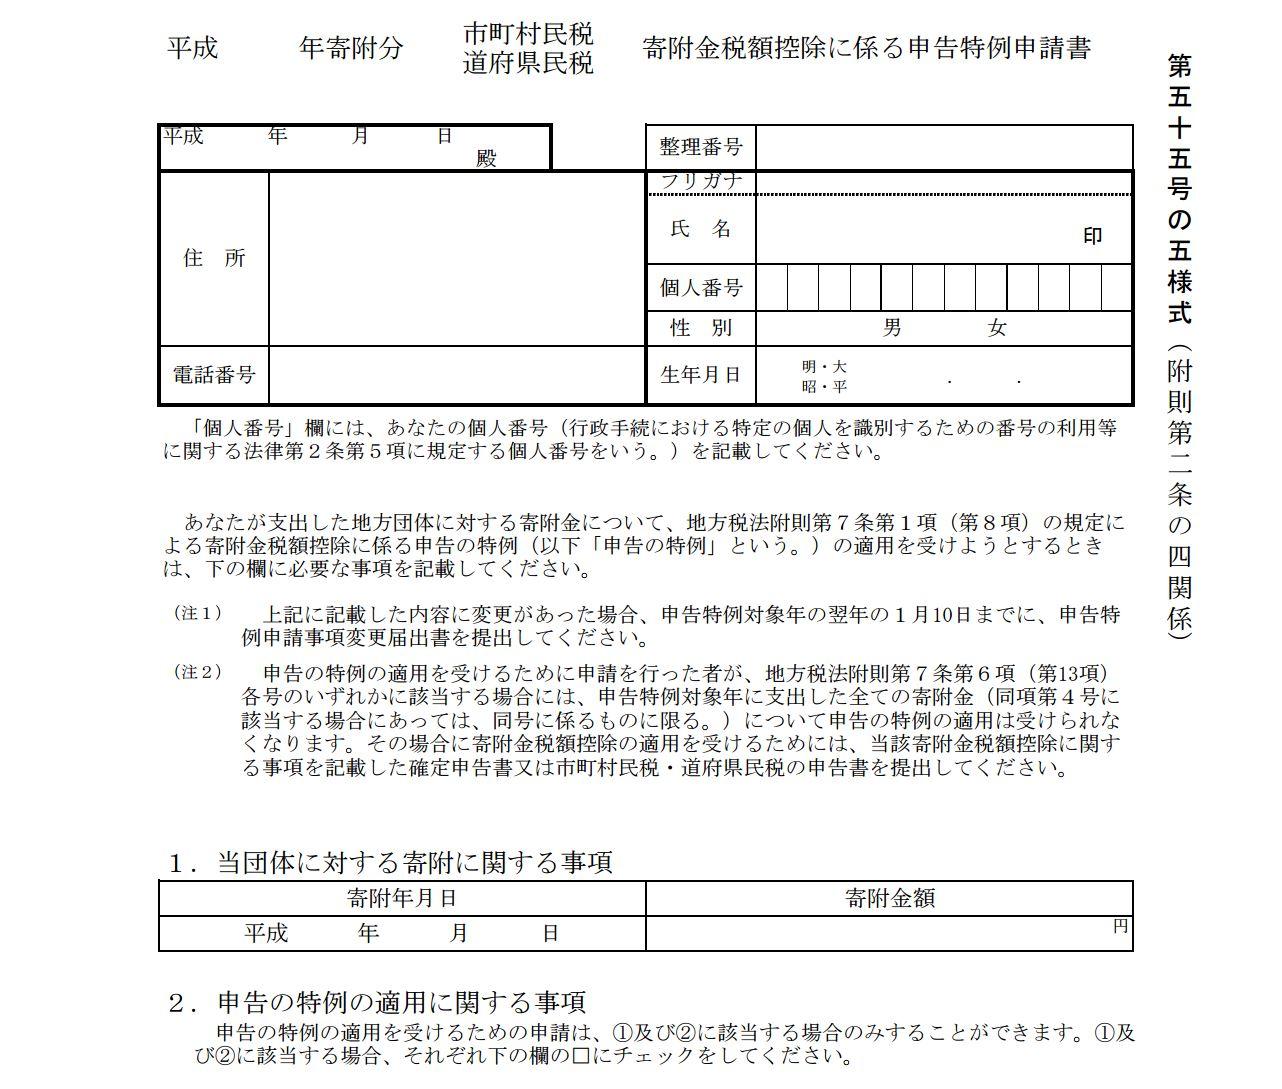 ふるさと納税ワンストップ申請書